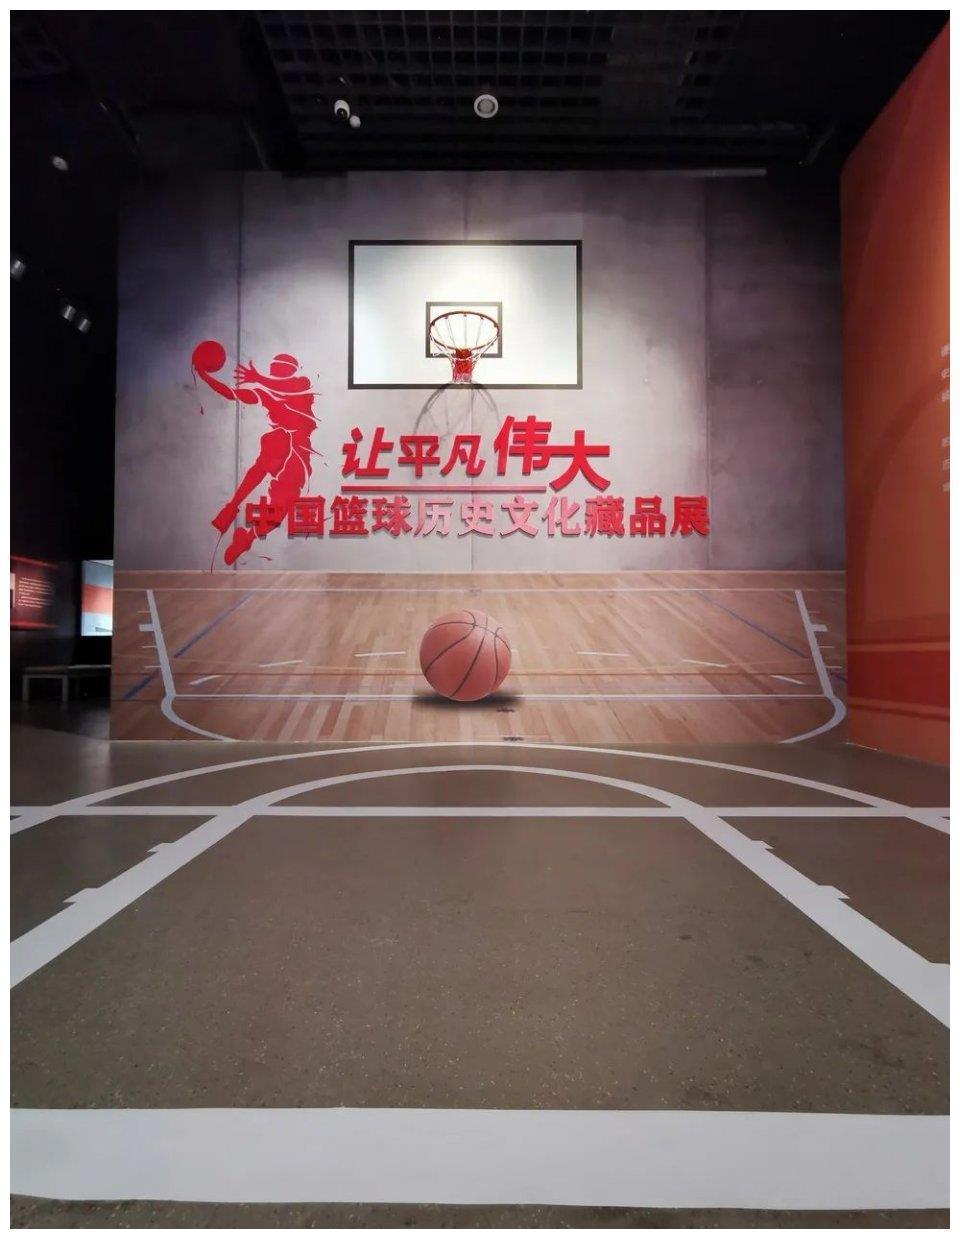 天博新展 | 中国篮球历史文化藏品展